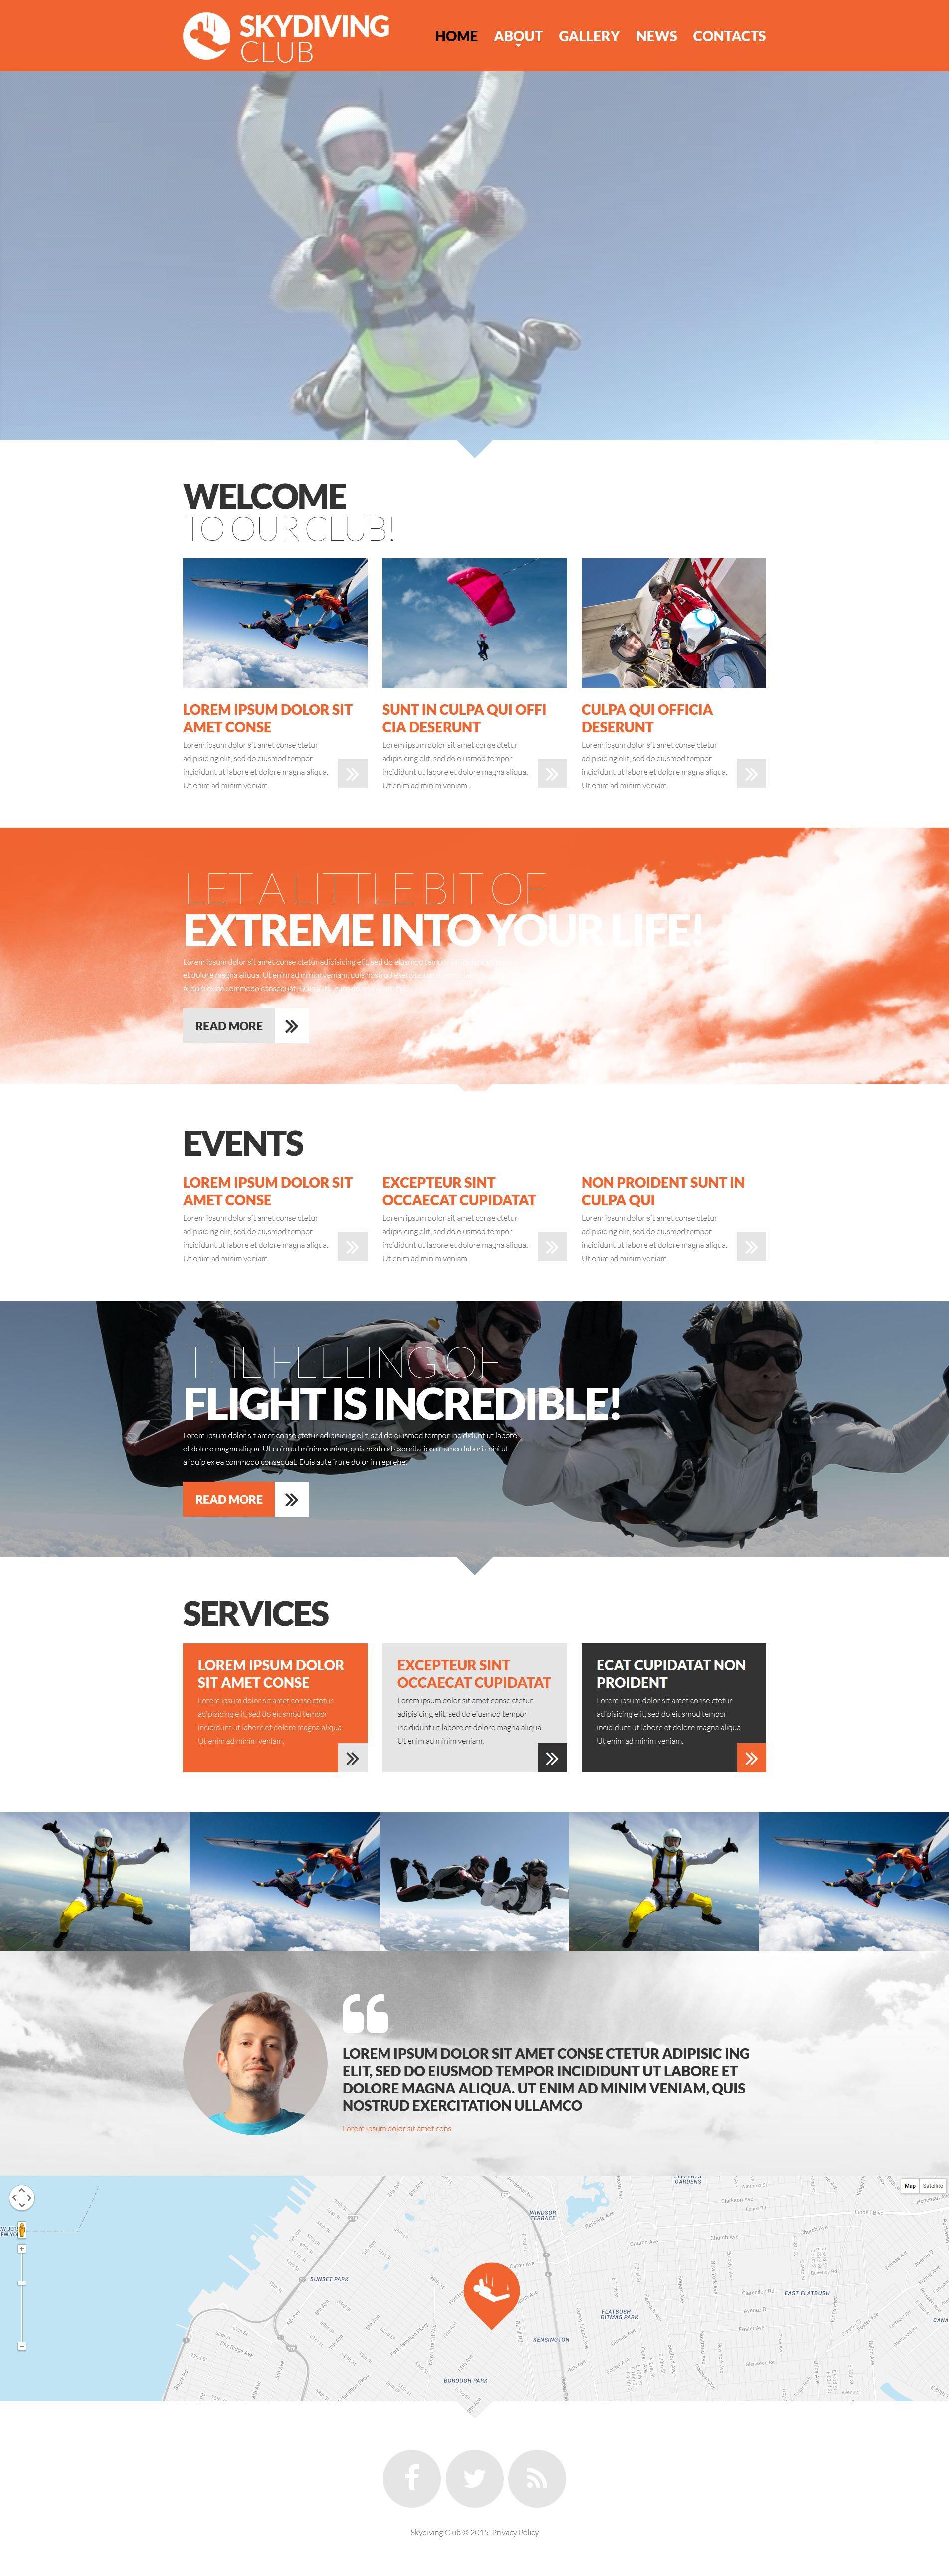 Skydiving Club Website Template